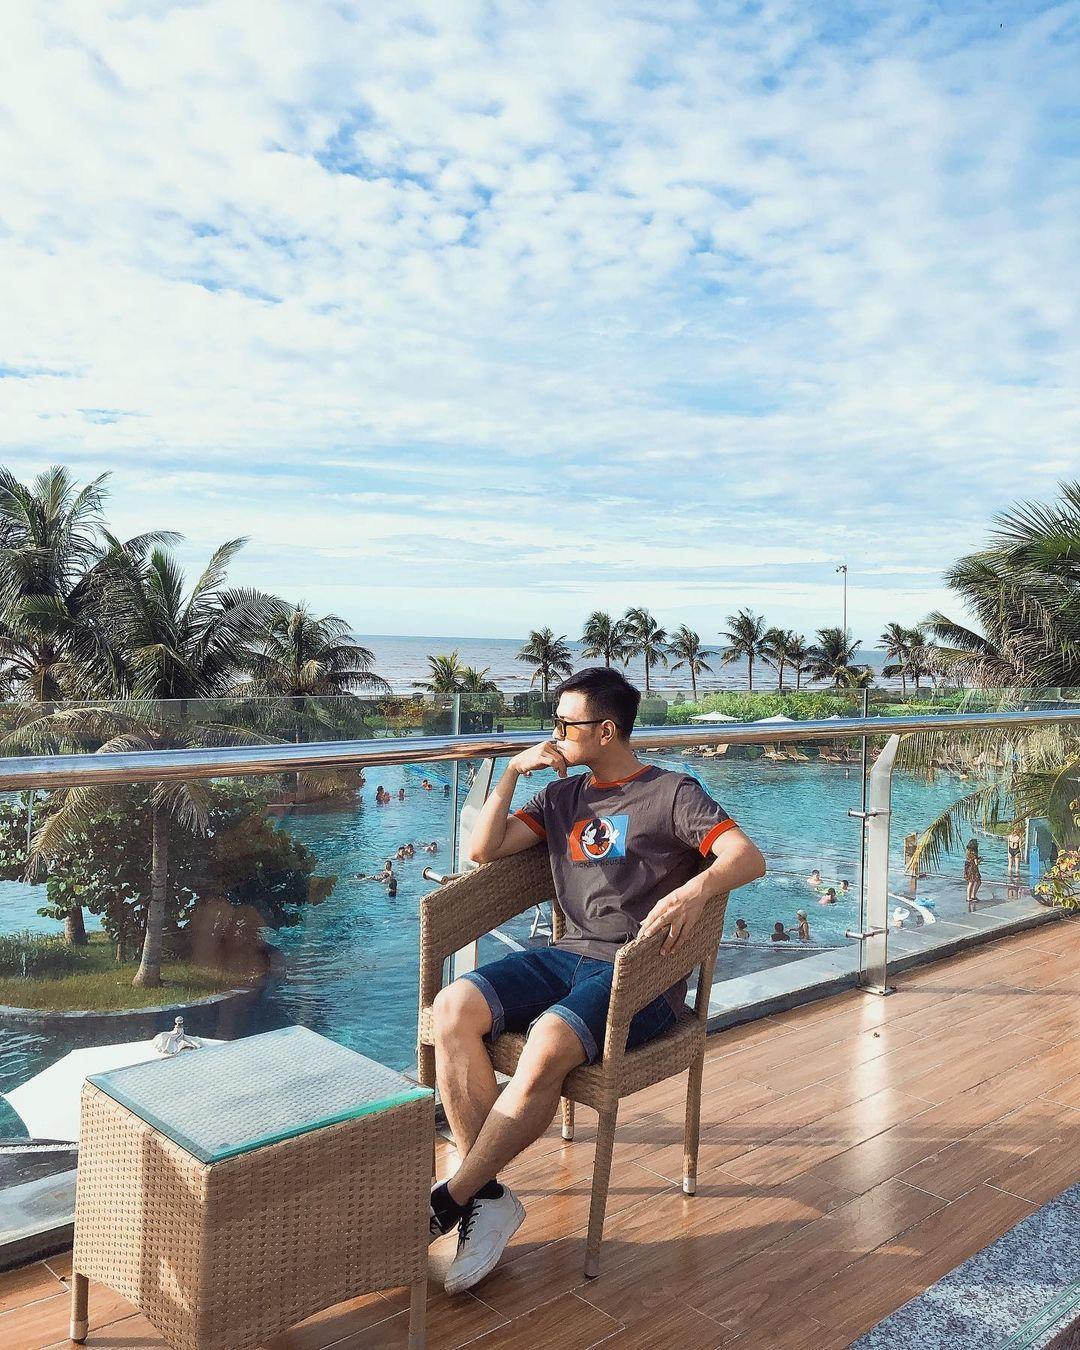 """Ngoài biển, Sầm Sơn còn một """"thiên đường nước"""" với hơn 150 bể bơi để bạn """"chill"""" thỏa sức hè này - Ảnh 3."""